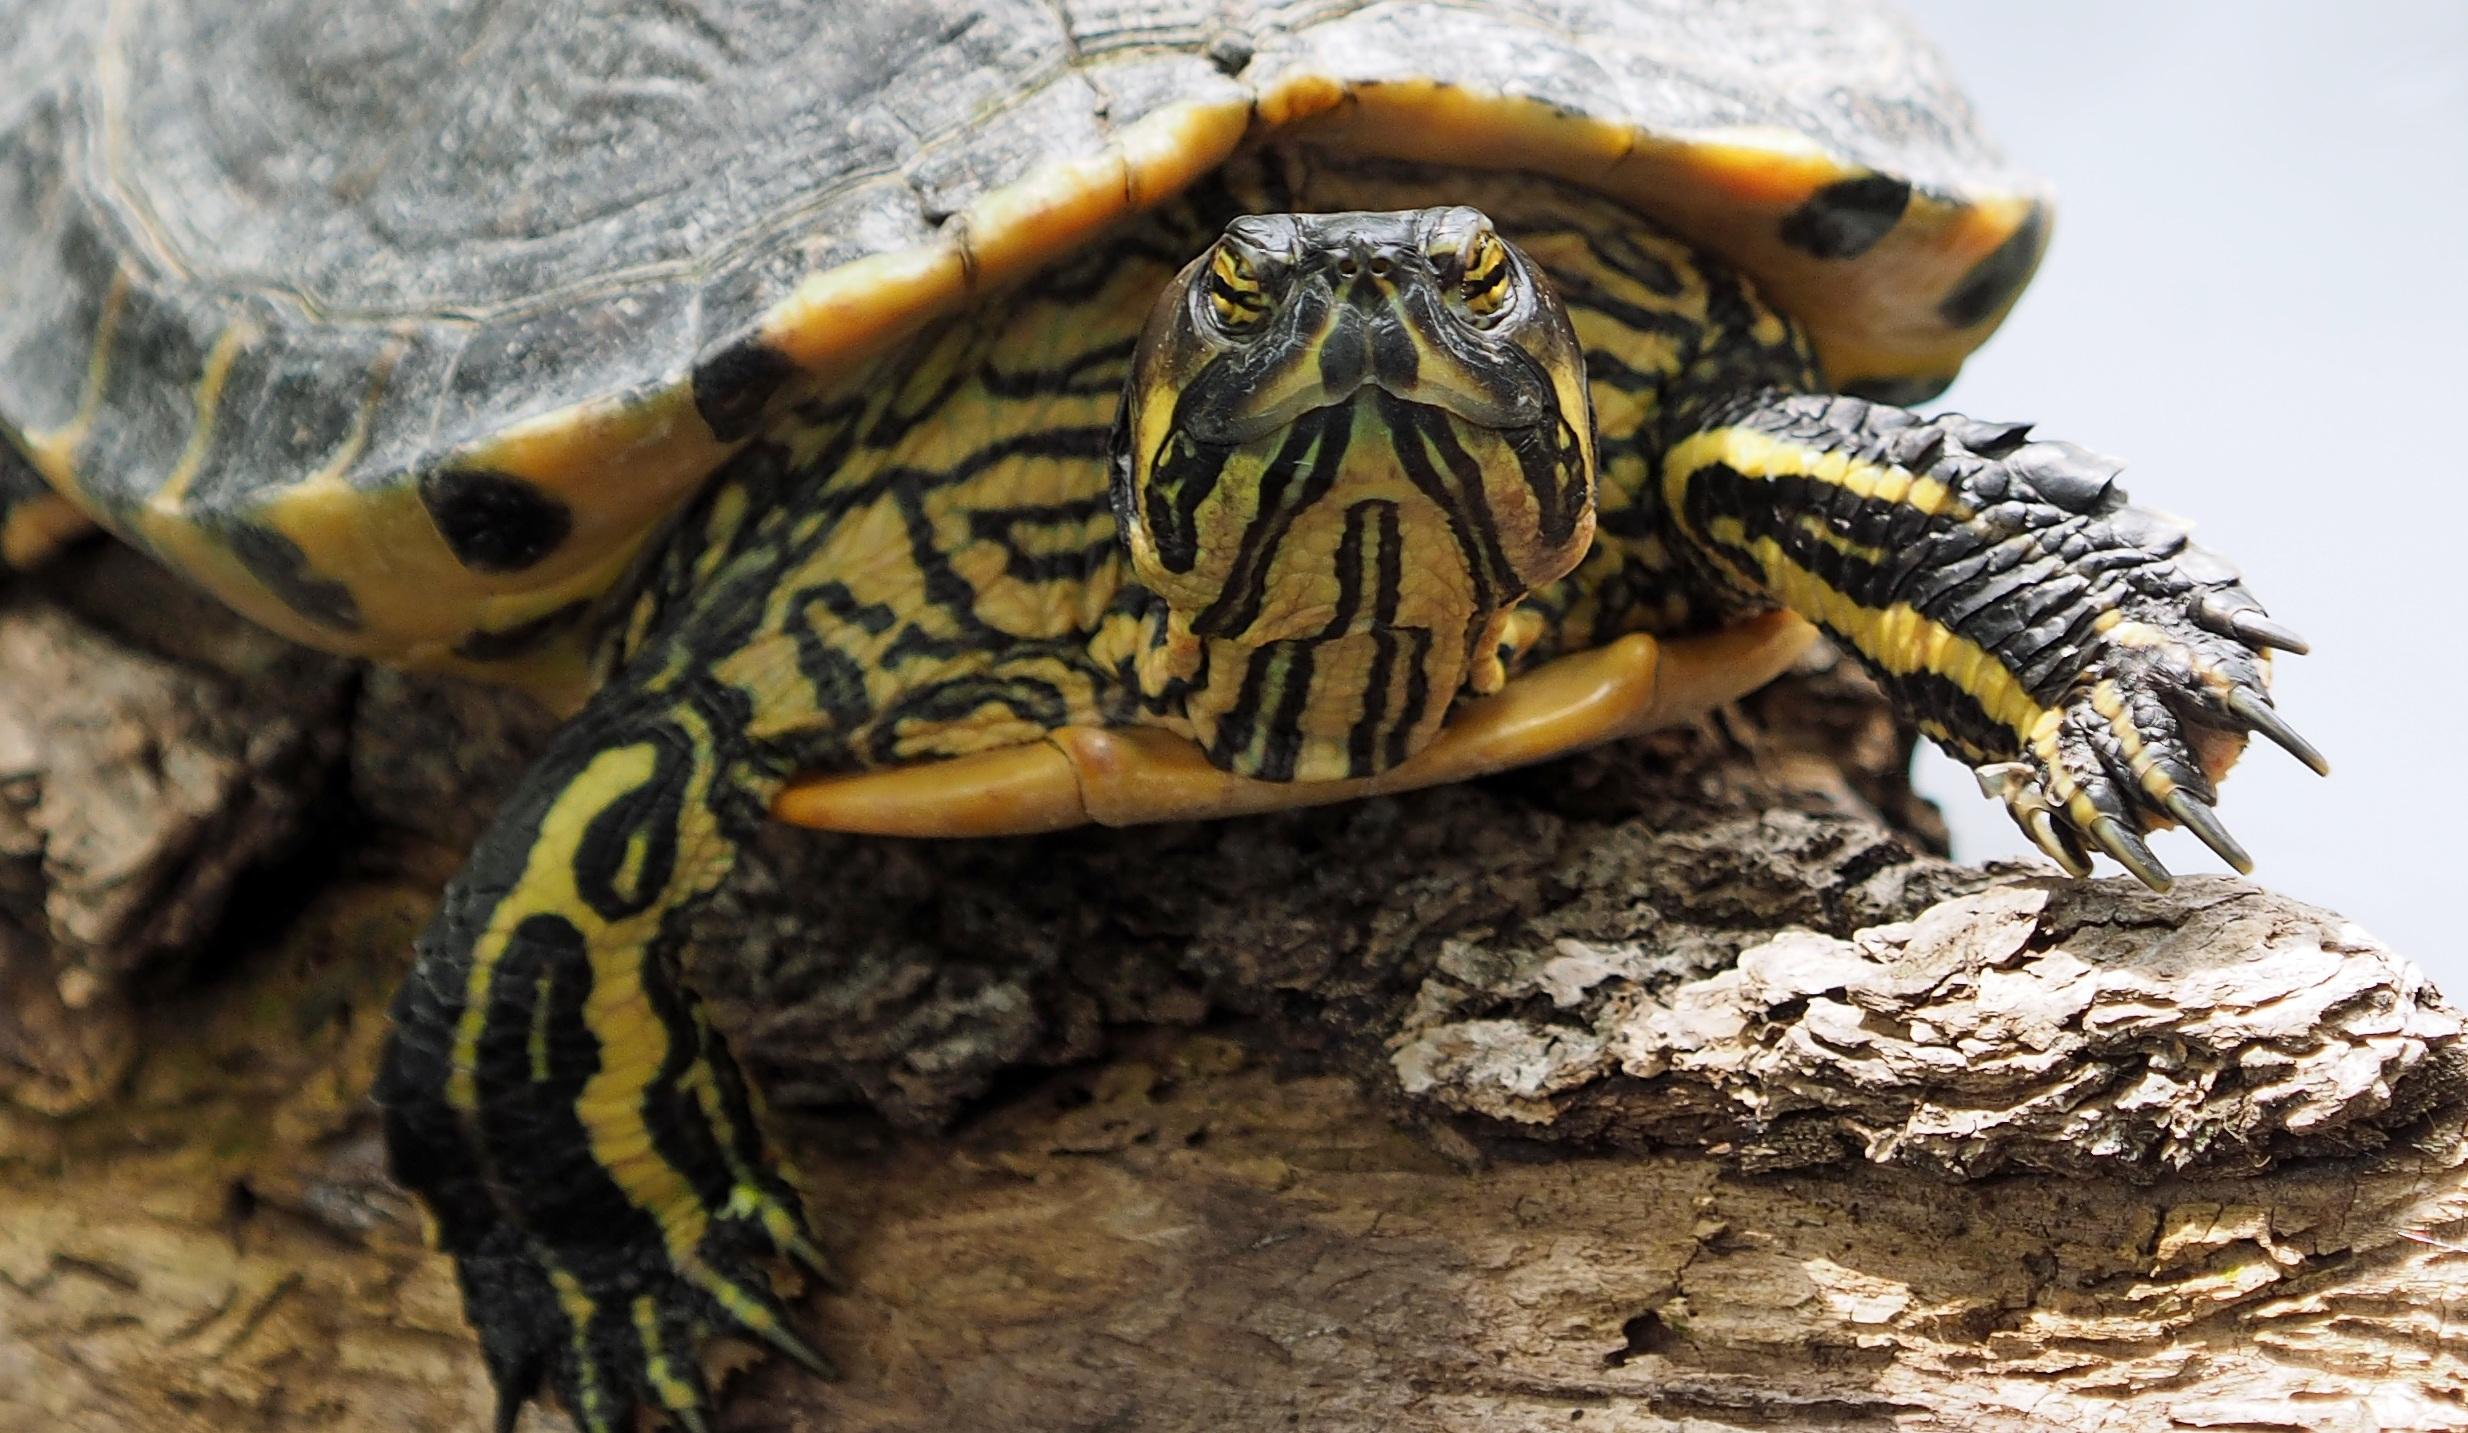 turtle photos pexels free stock photos